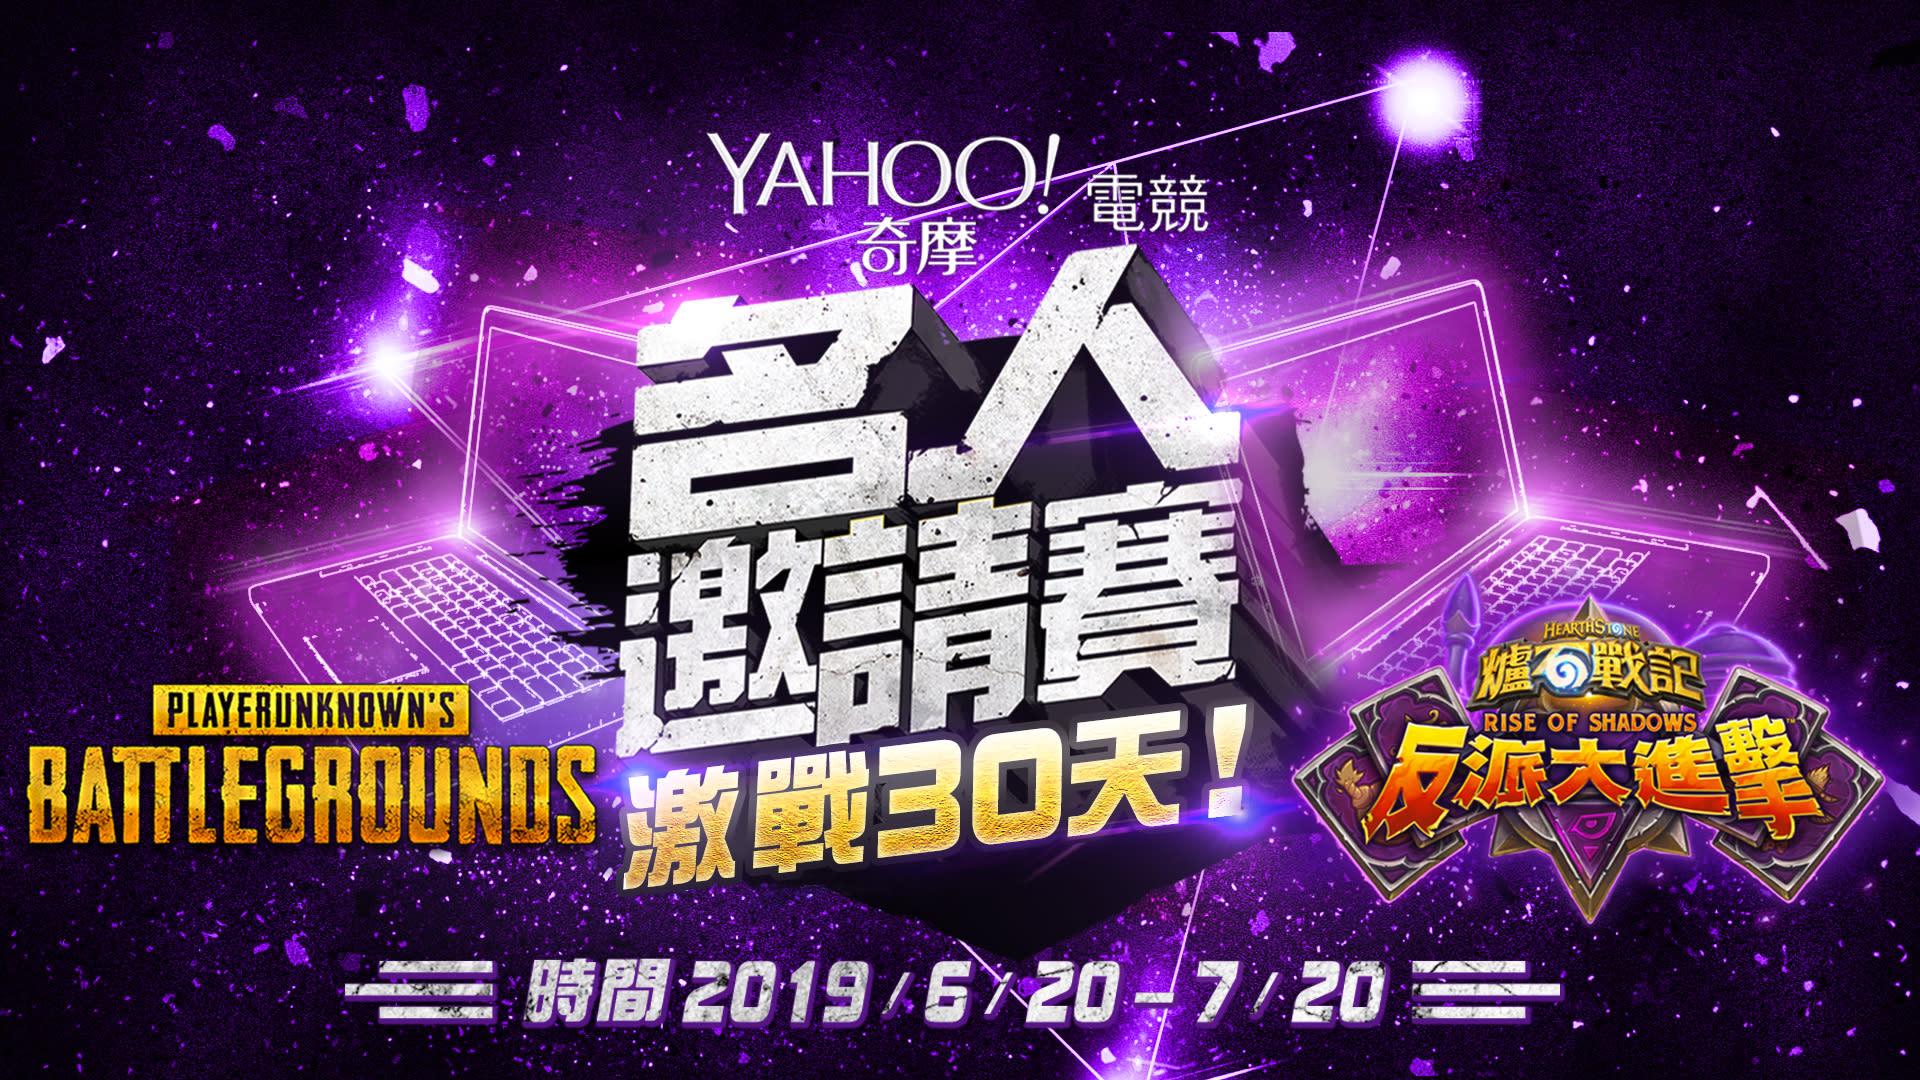 【懶人包】第五屆Yahoo電競名人賽直播、賽程、影片看這篇!